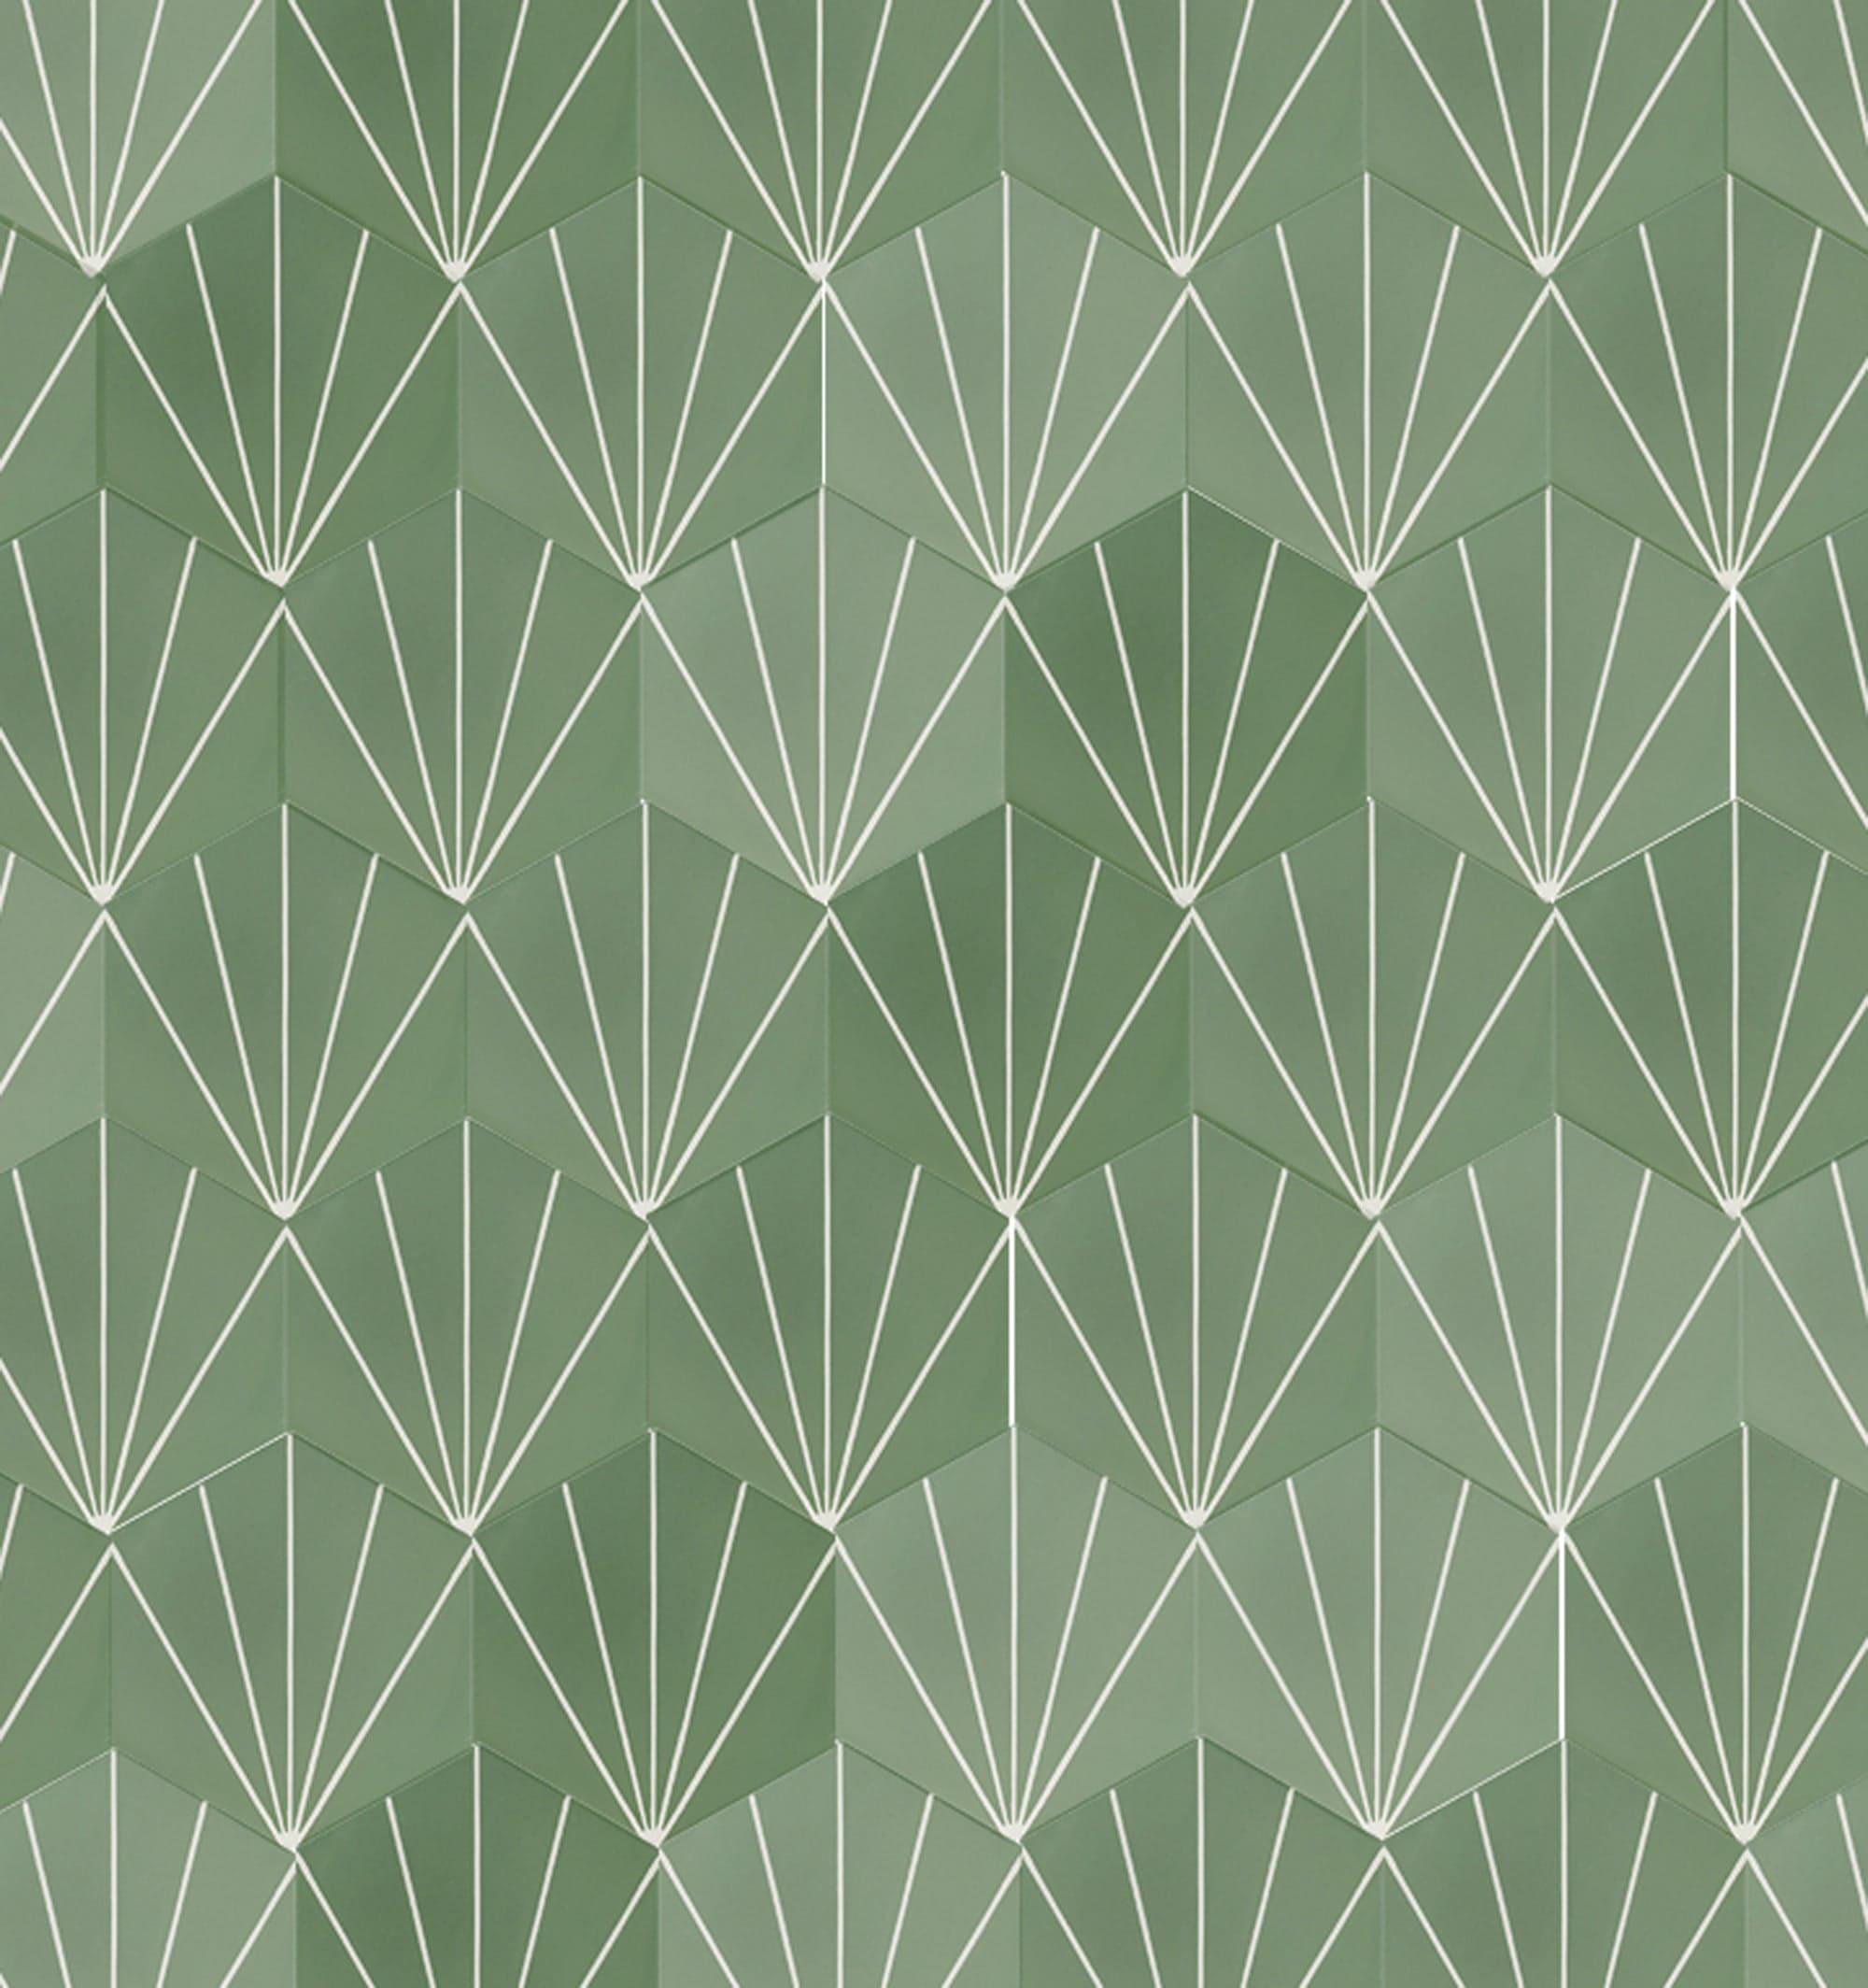 zementfliesen-nummer-600853-sechseck-verlegemuster-viaplatten |